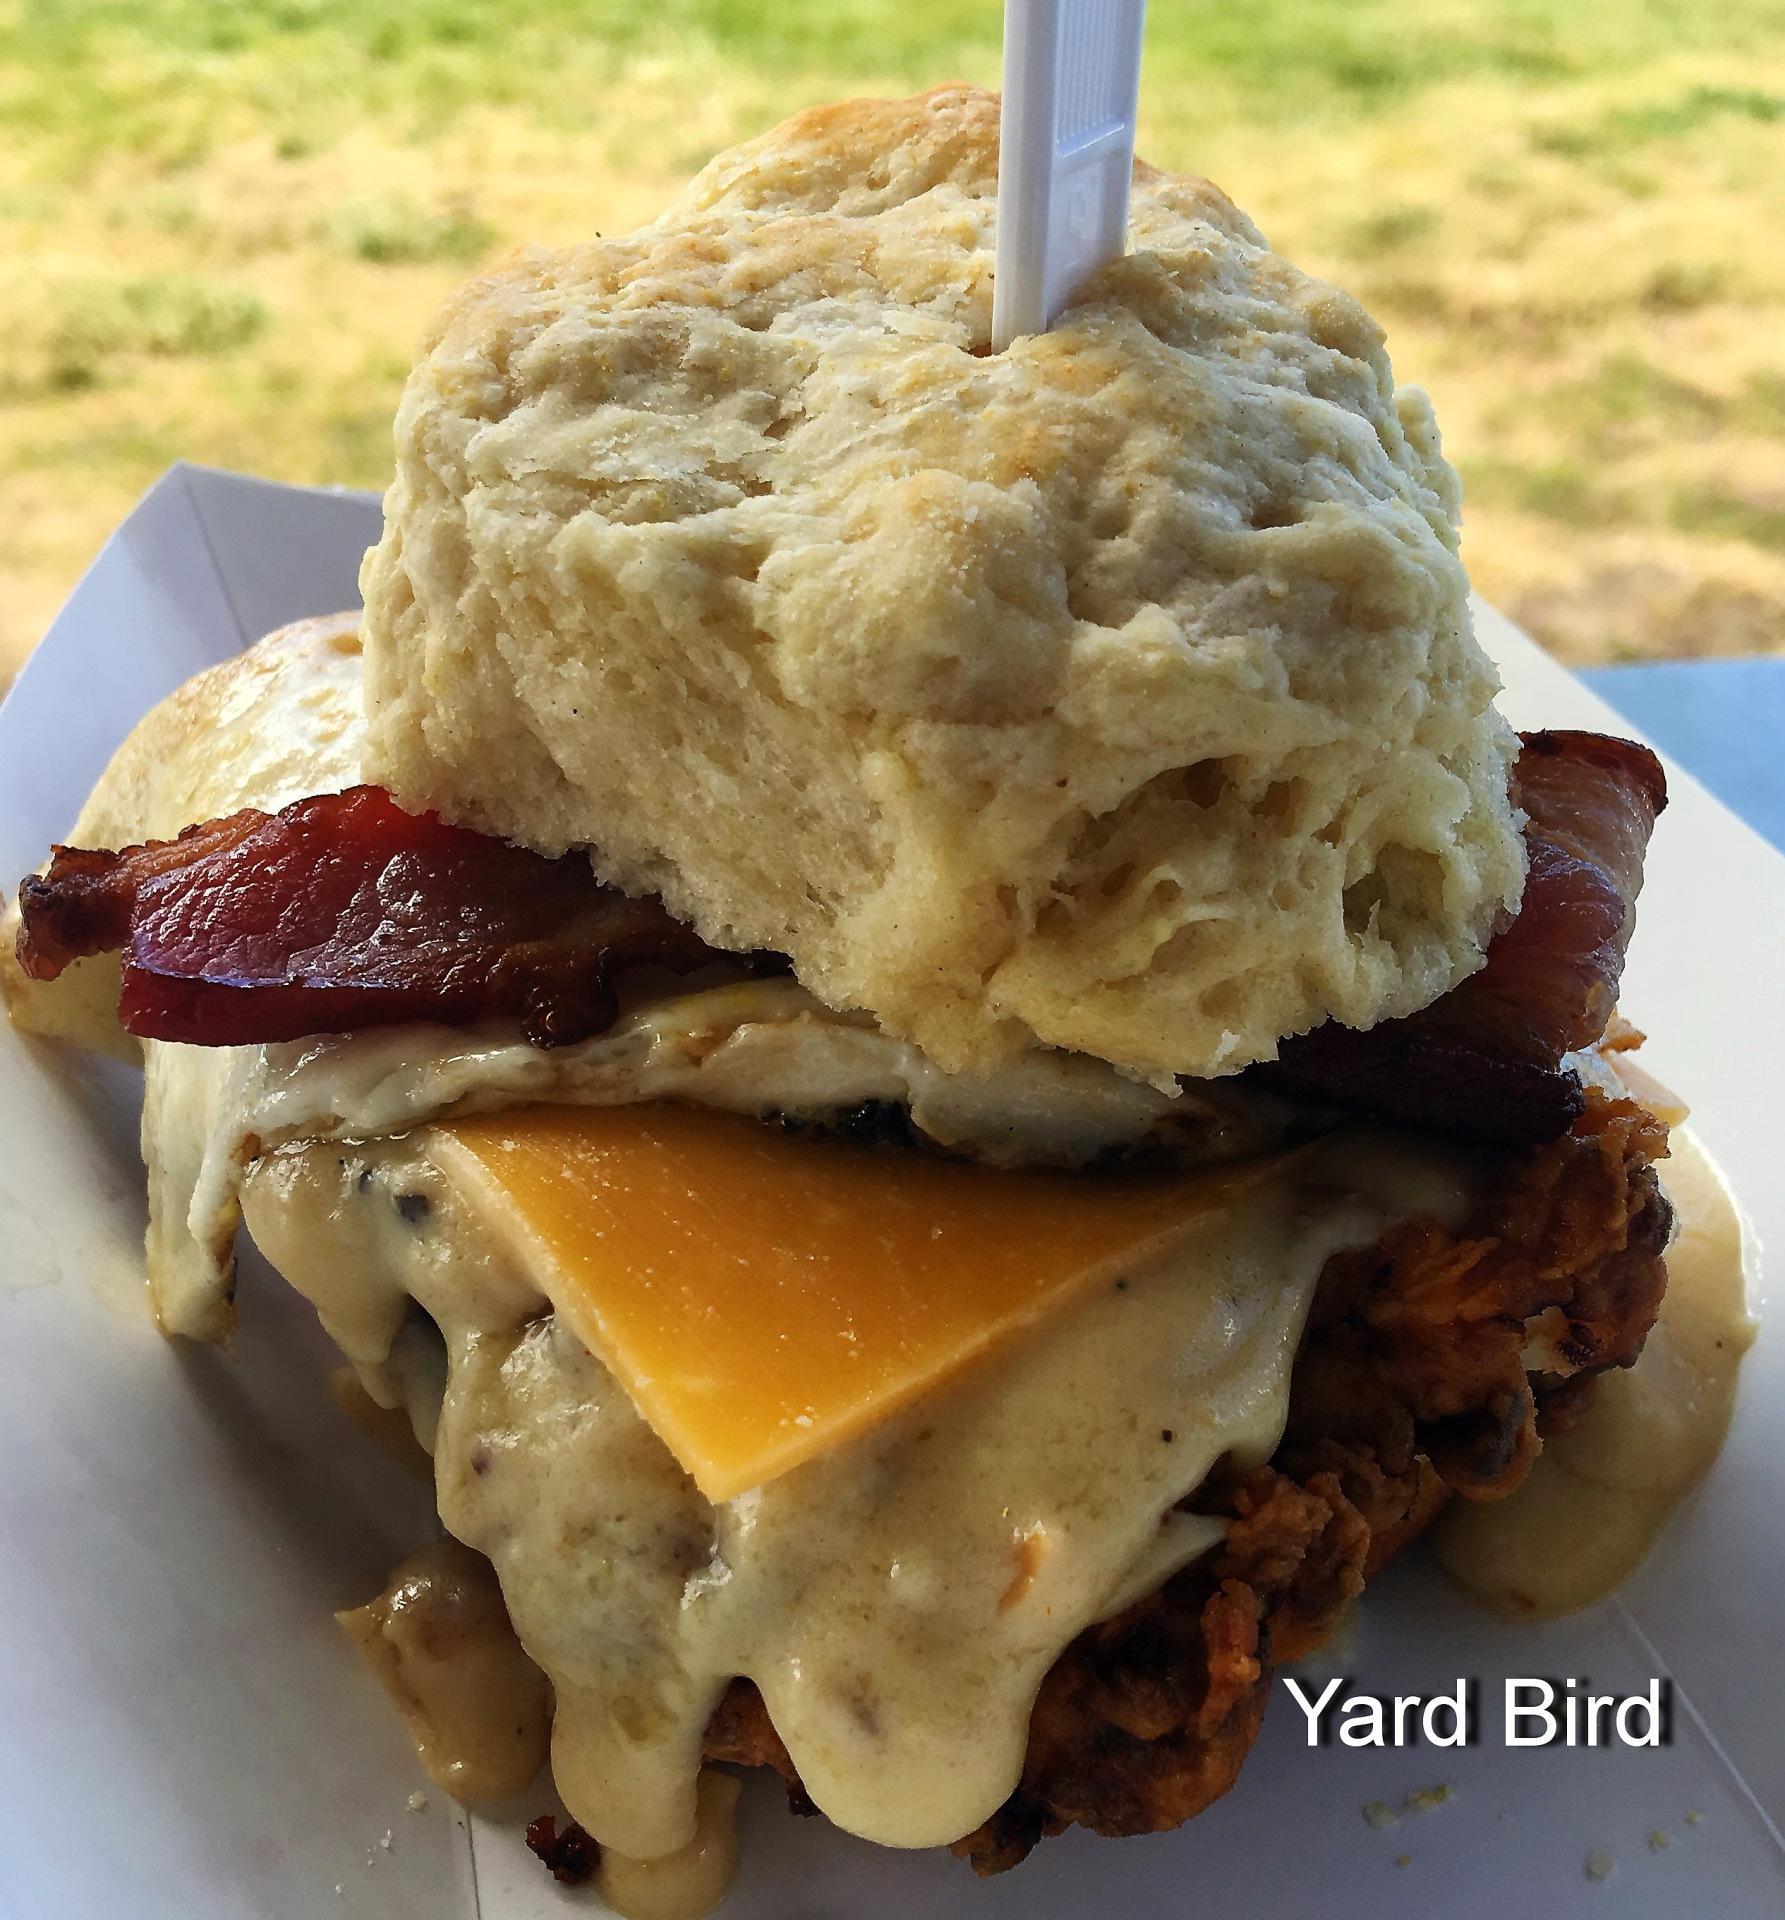 Yard Bird 9.29